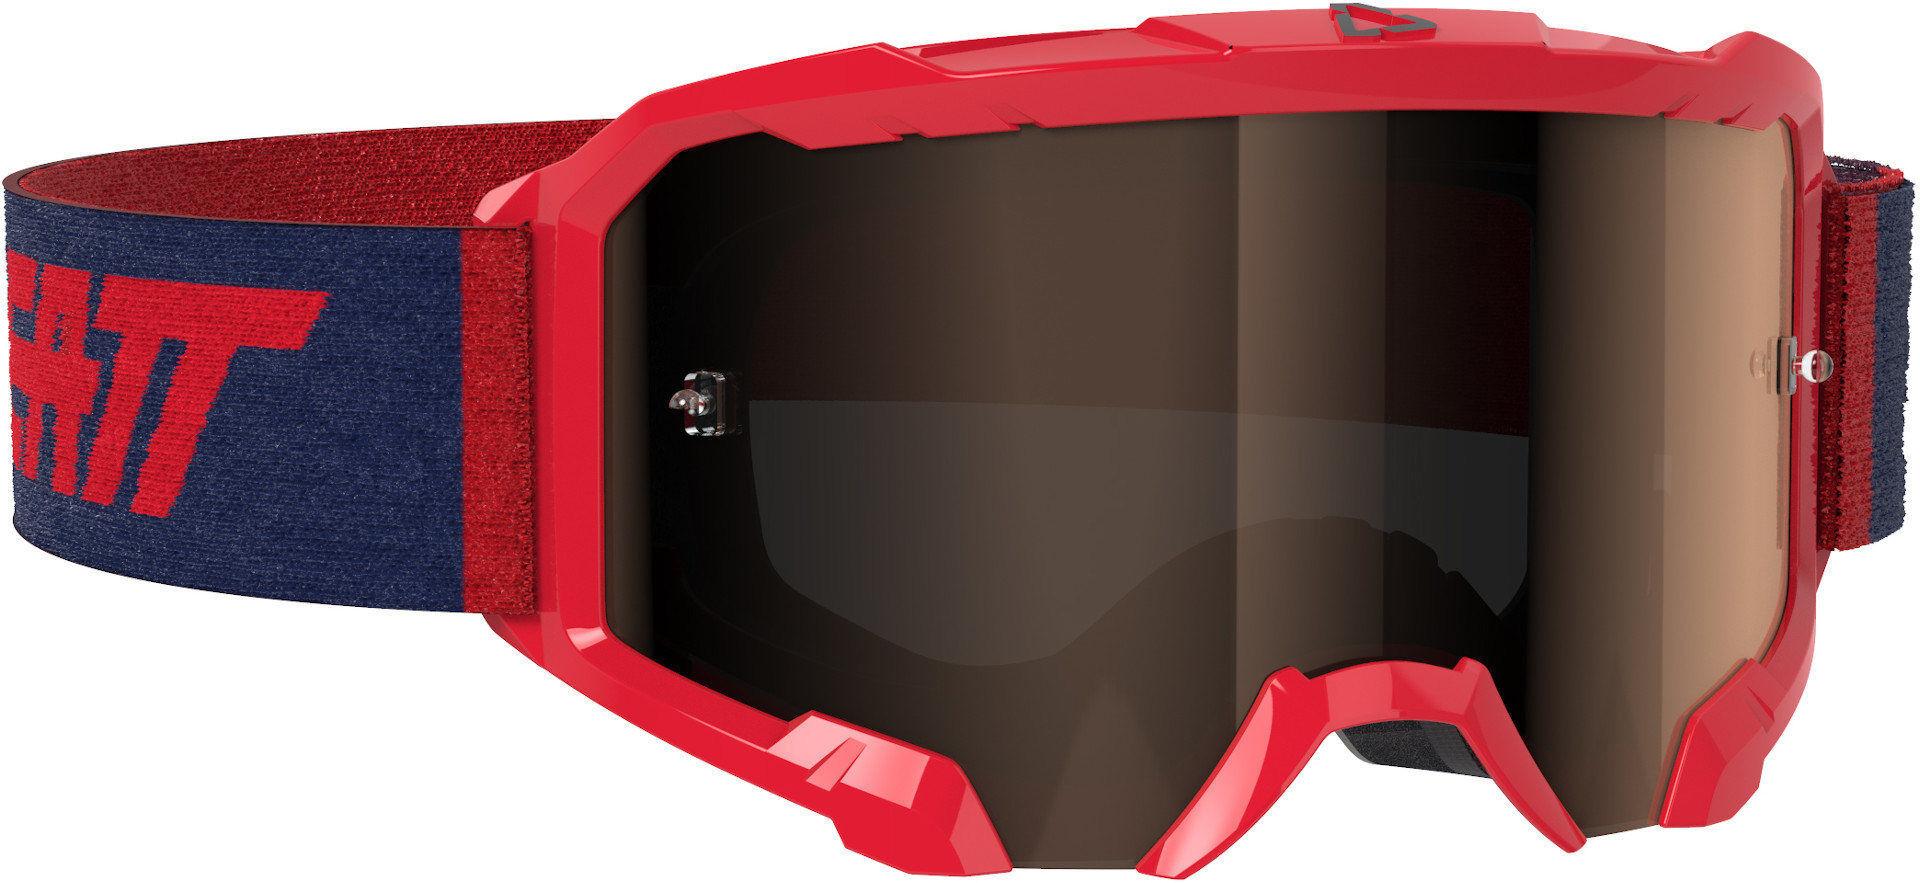 Leatt Velocity 4.5 Iriz Lunettes Motocross Rouge Bleu taille : unique taille